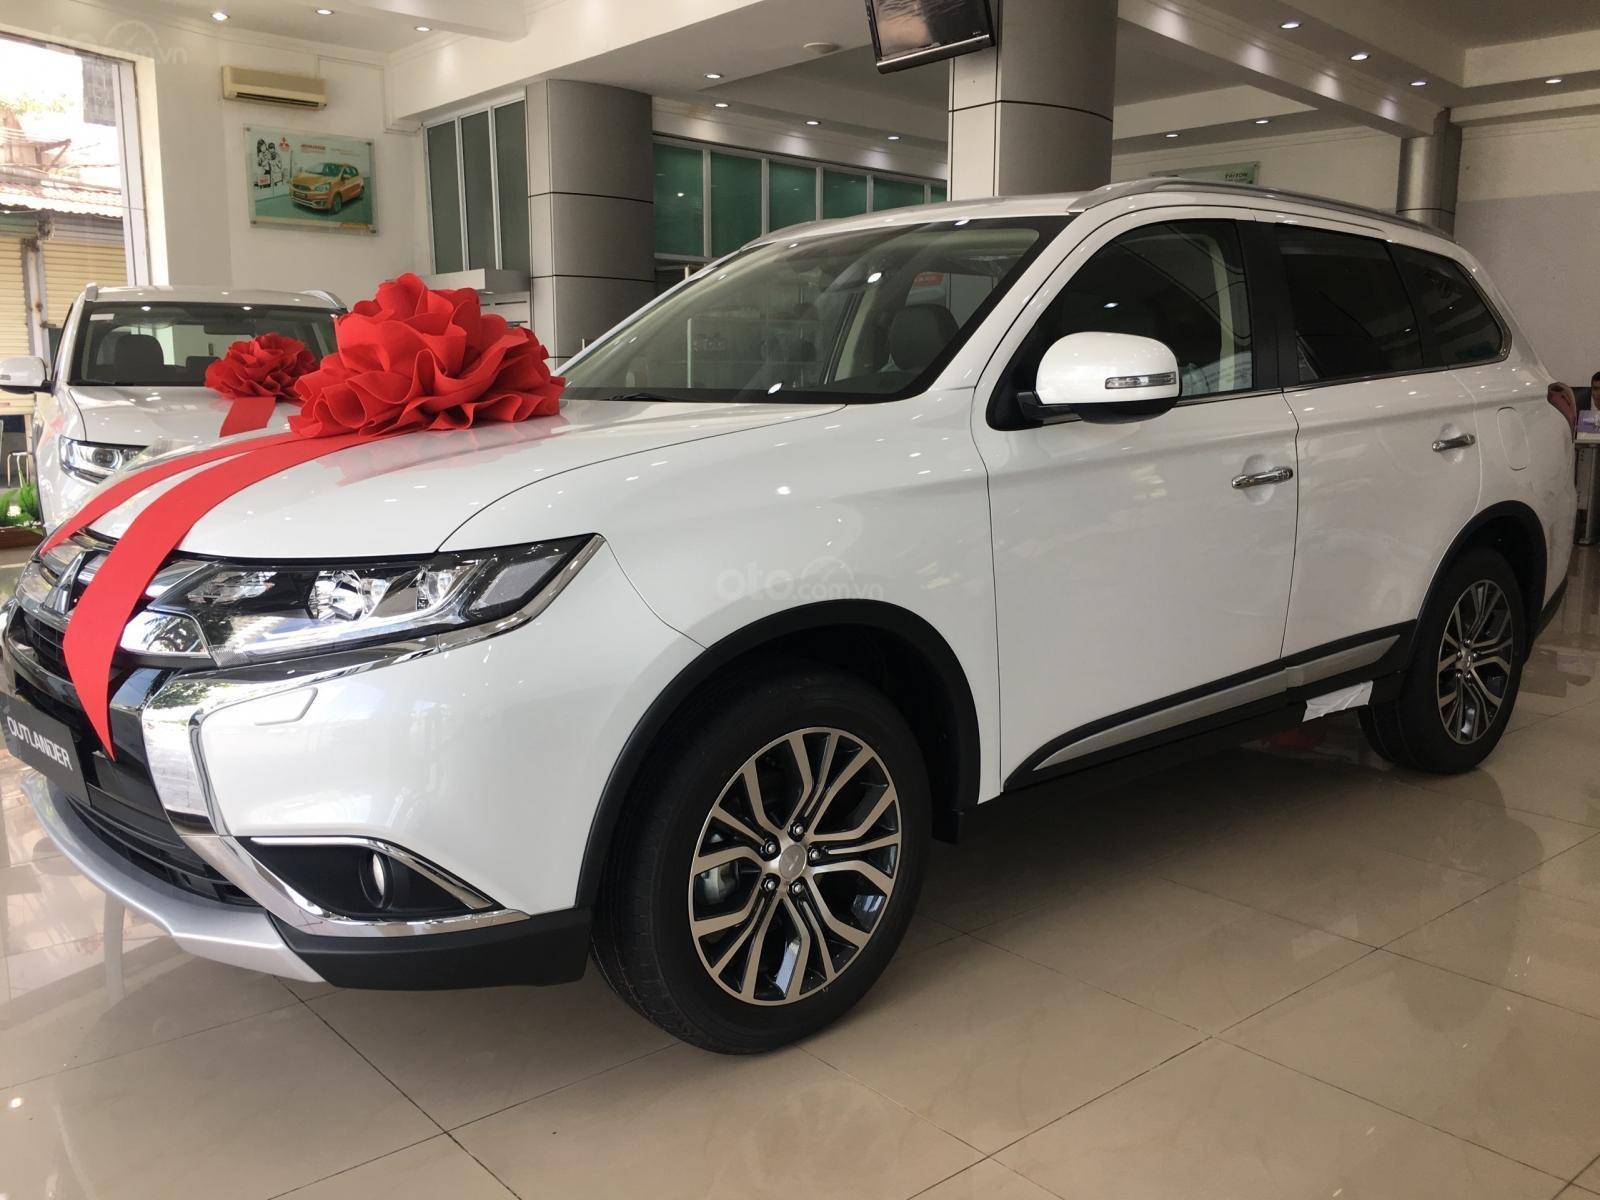 Mitsubishi Việt Nam tung khuyến mại tháng 9/2019: Outlander giảm sâu 51 triệu đồng a2